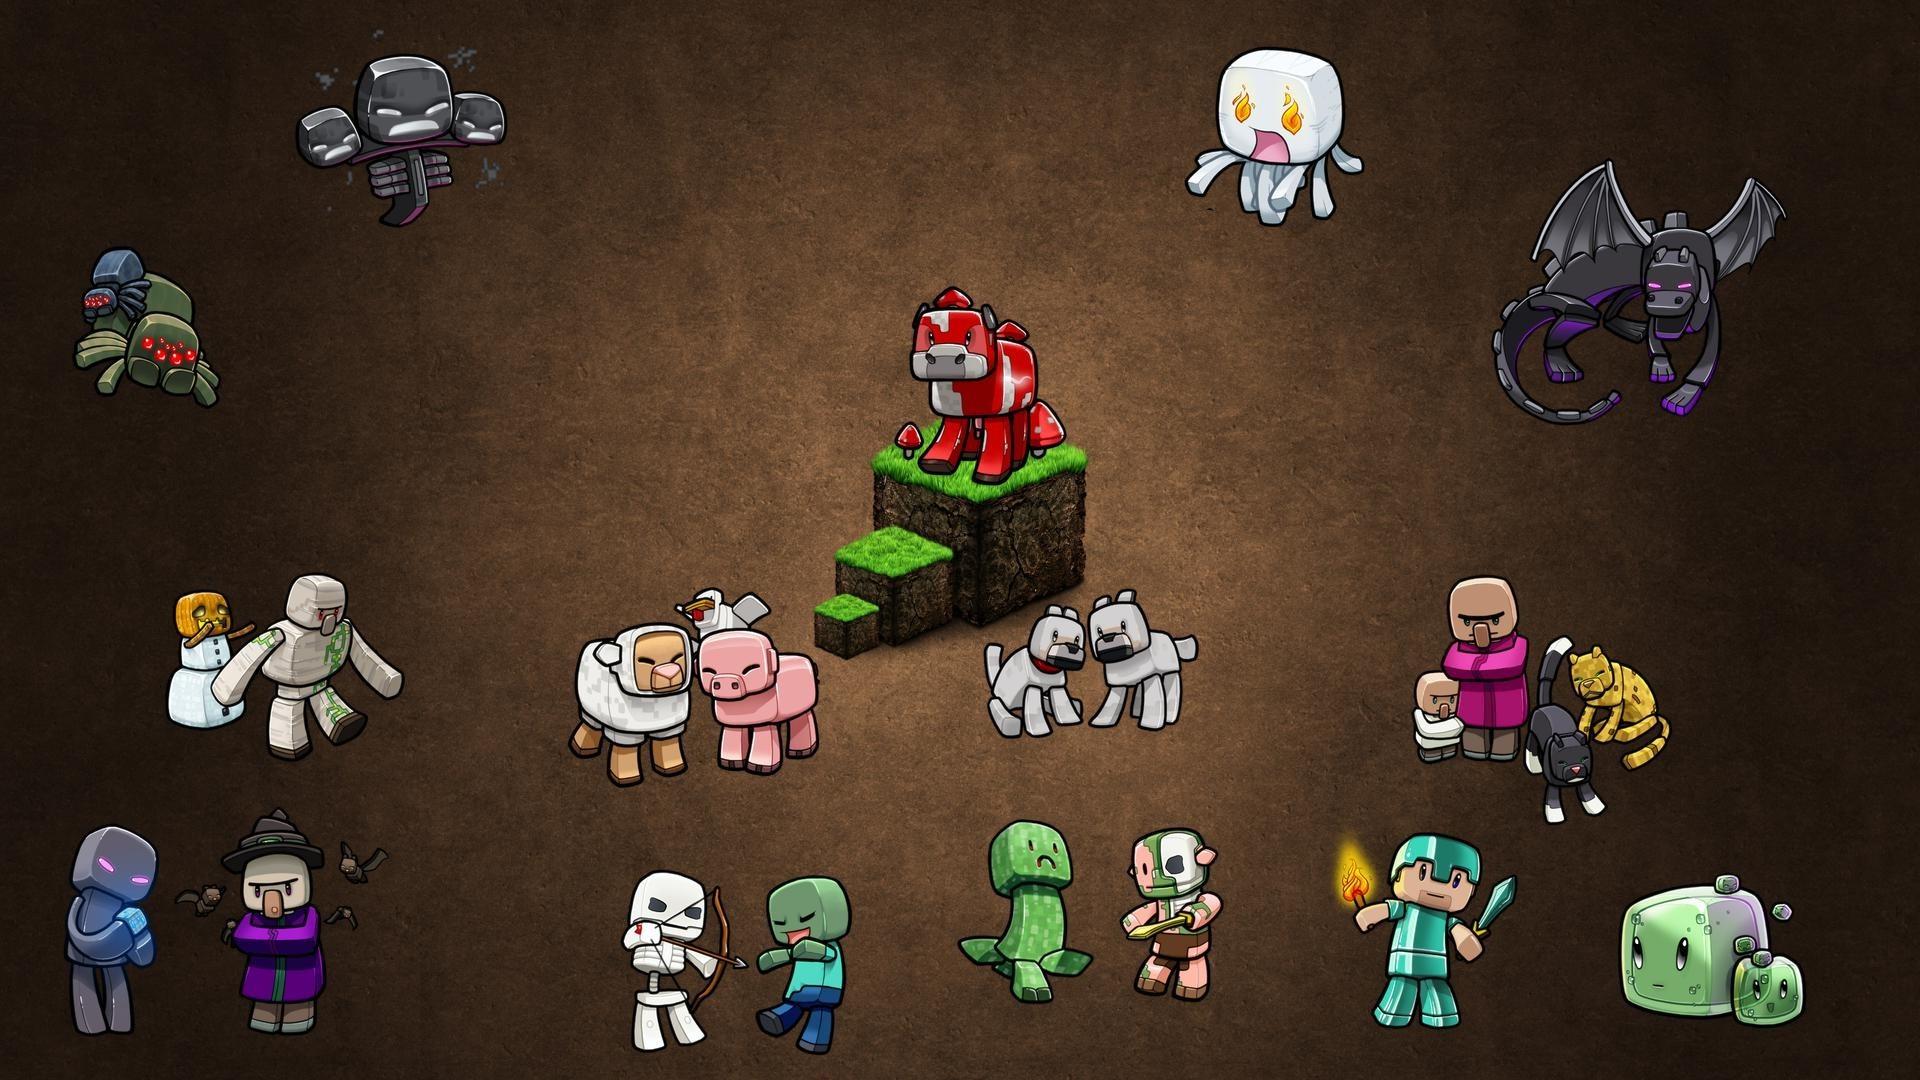 Hintergrundbilder X Px Brauner Hintergrund Kriechpflanze - Minecraft spiele mit zombies